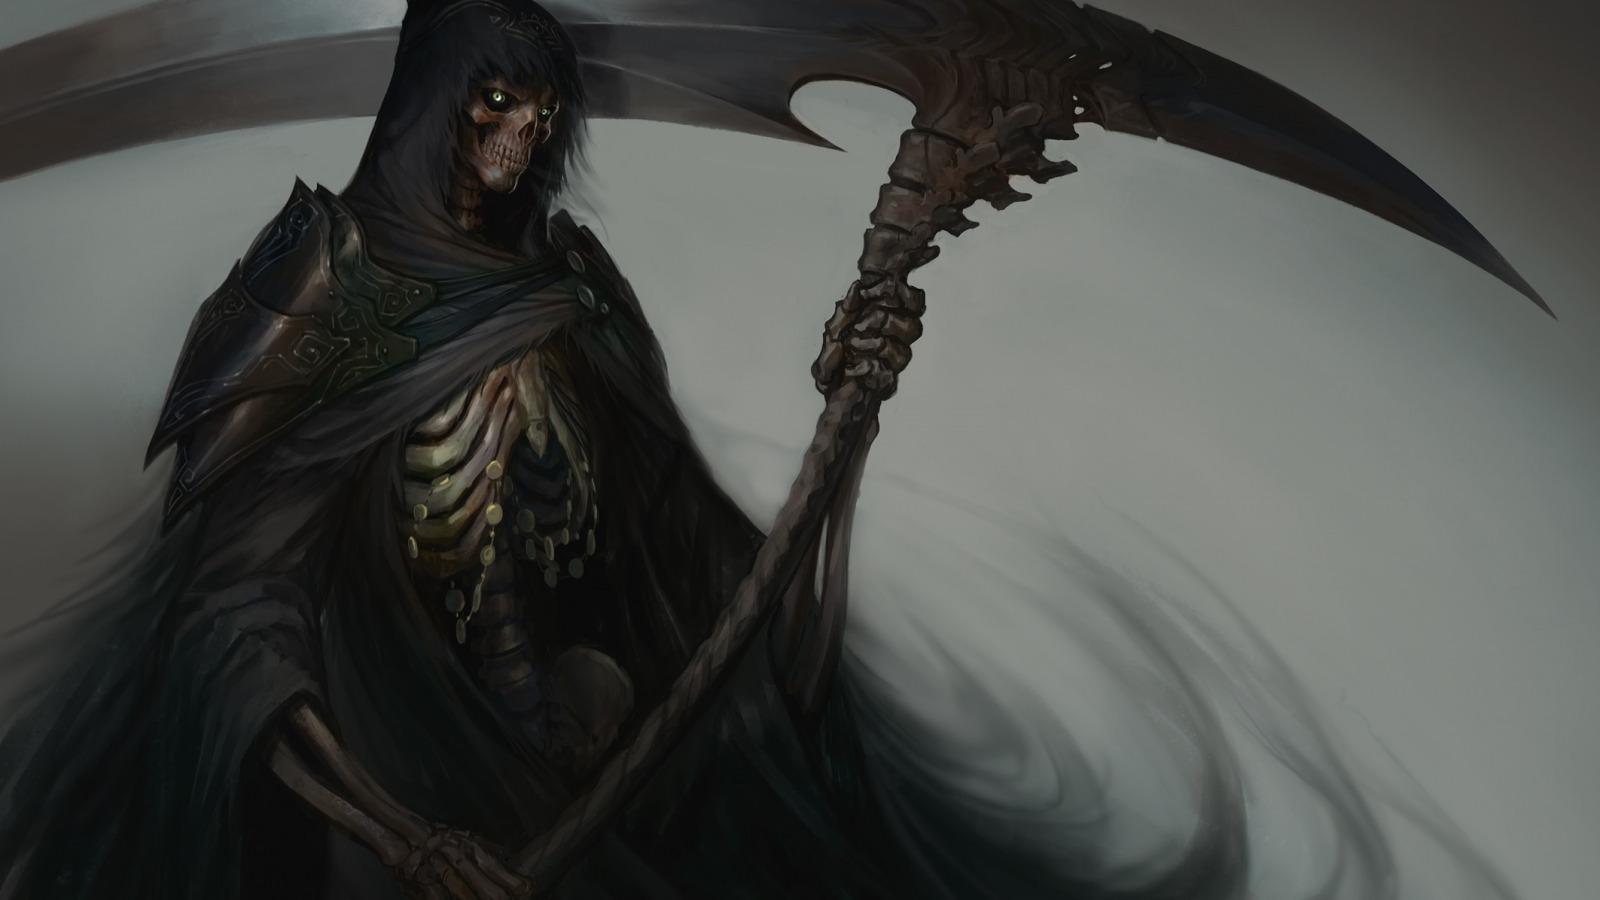 фэнтези графика женщина Grim Reaper  № 3256184 бесплатно